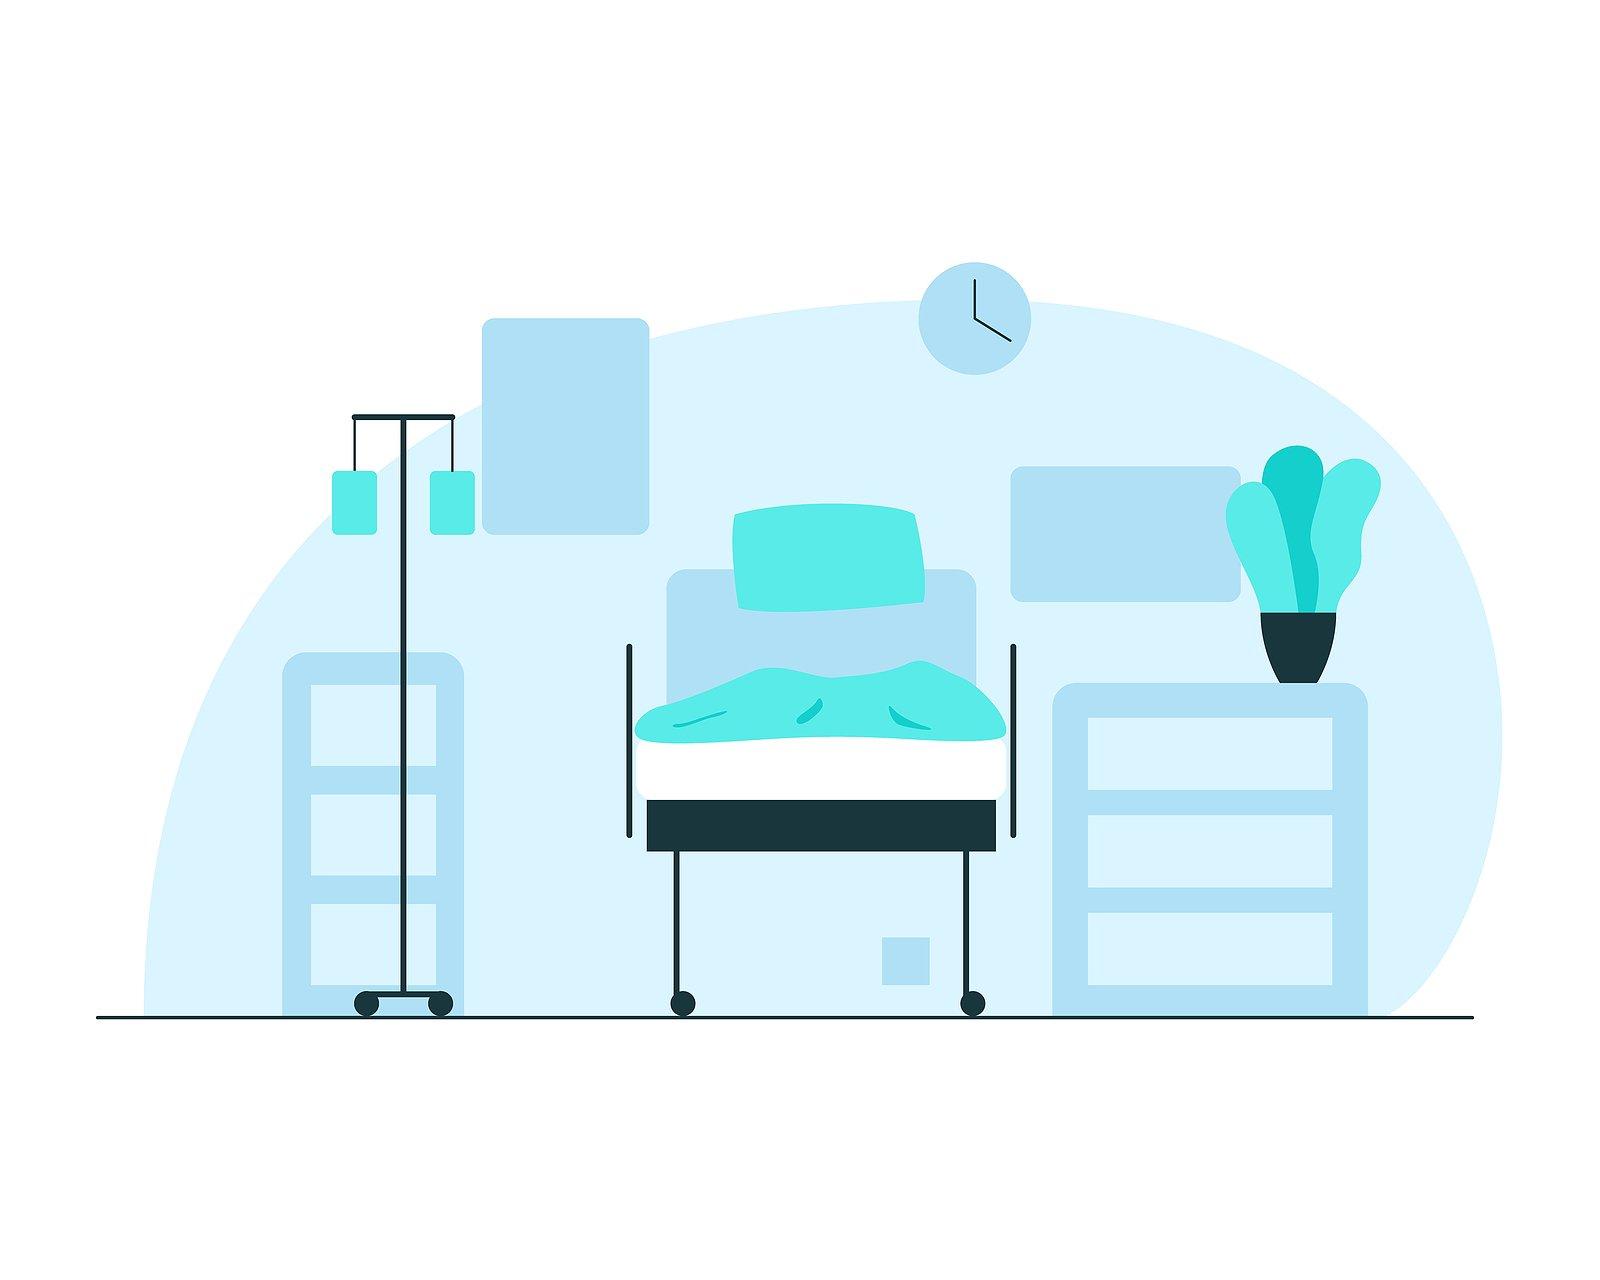 bigstock-Hospital-Ward-Interior-Vector-381055412-1